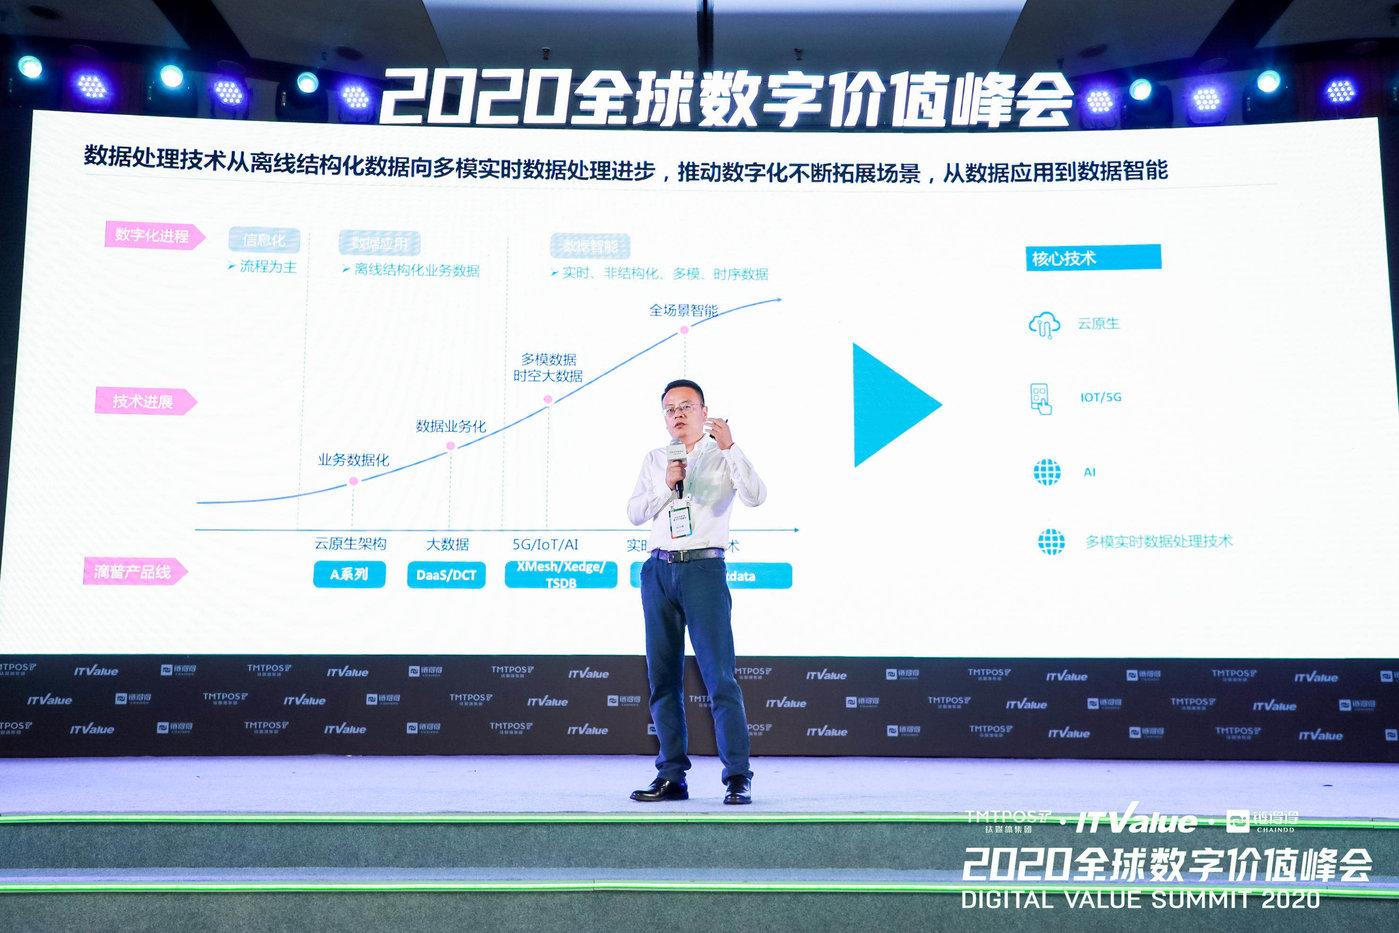 赵杰辉在2020全球数字价值峰会